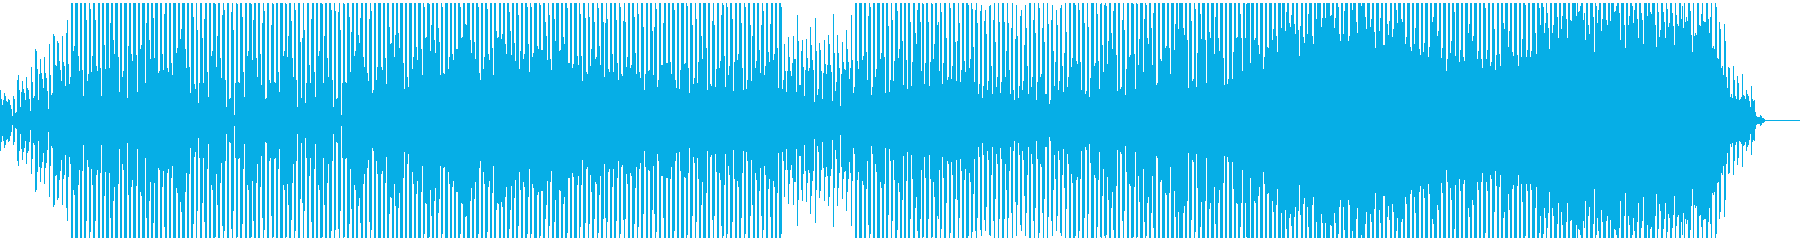 ゆったりとしたアンビエントテクノの再生済みの波形